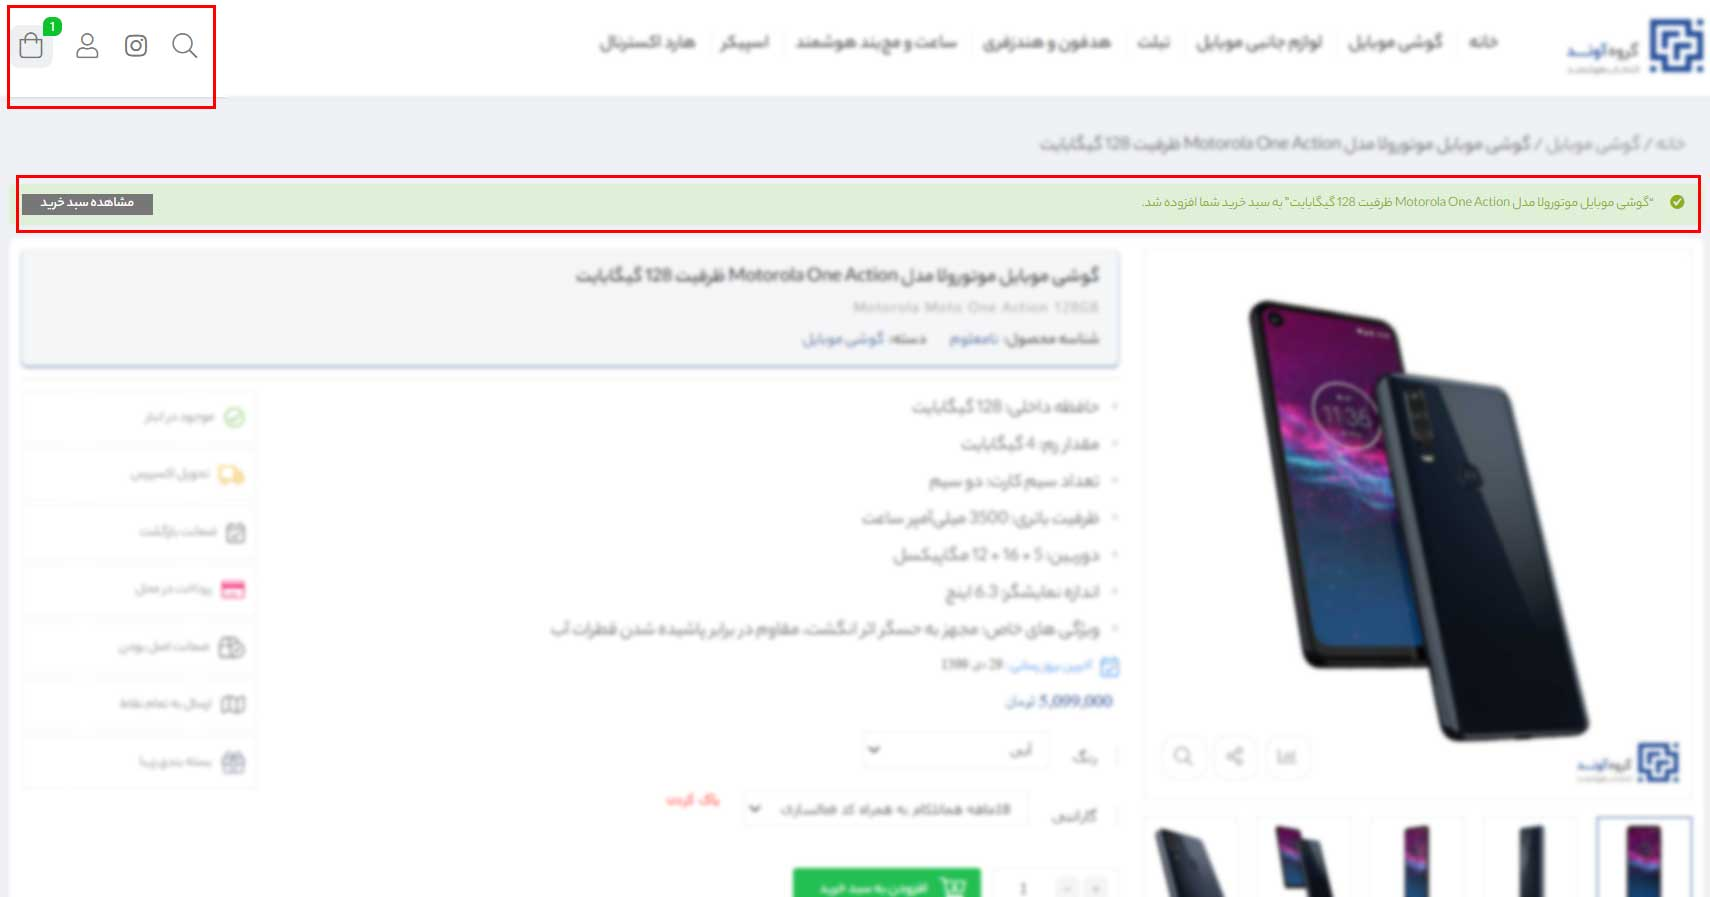 آموزش خرید اینترنتی از فروشگاه اینترنتی آوند موبایل